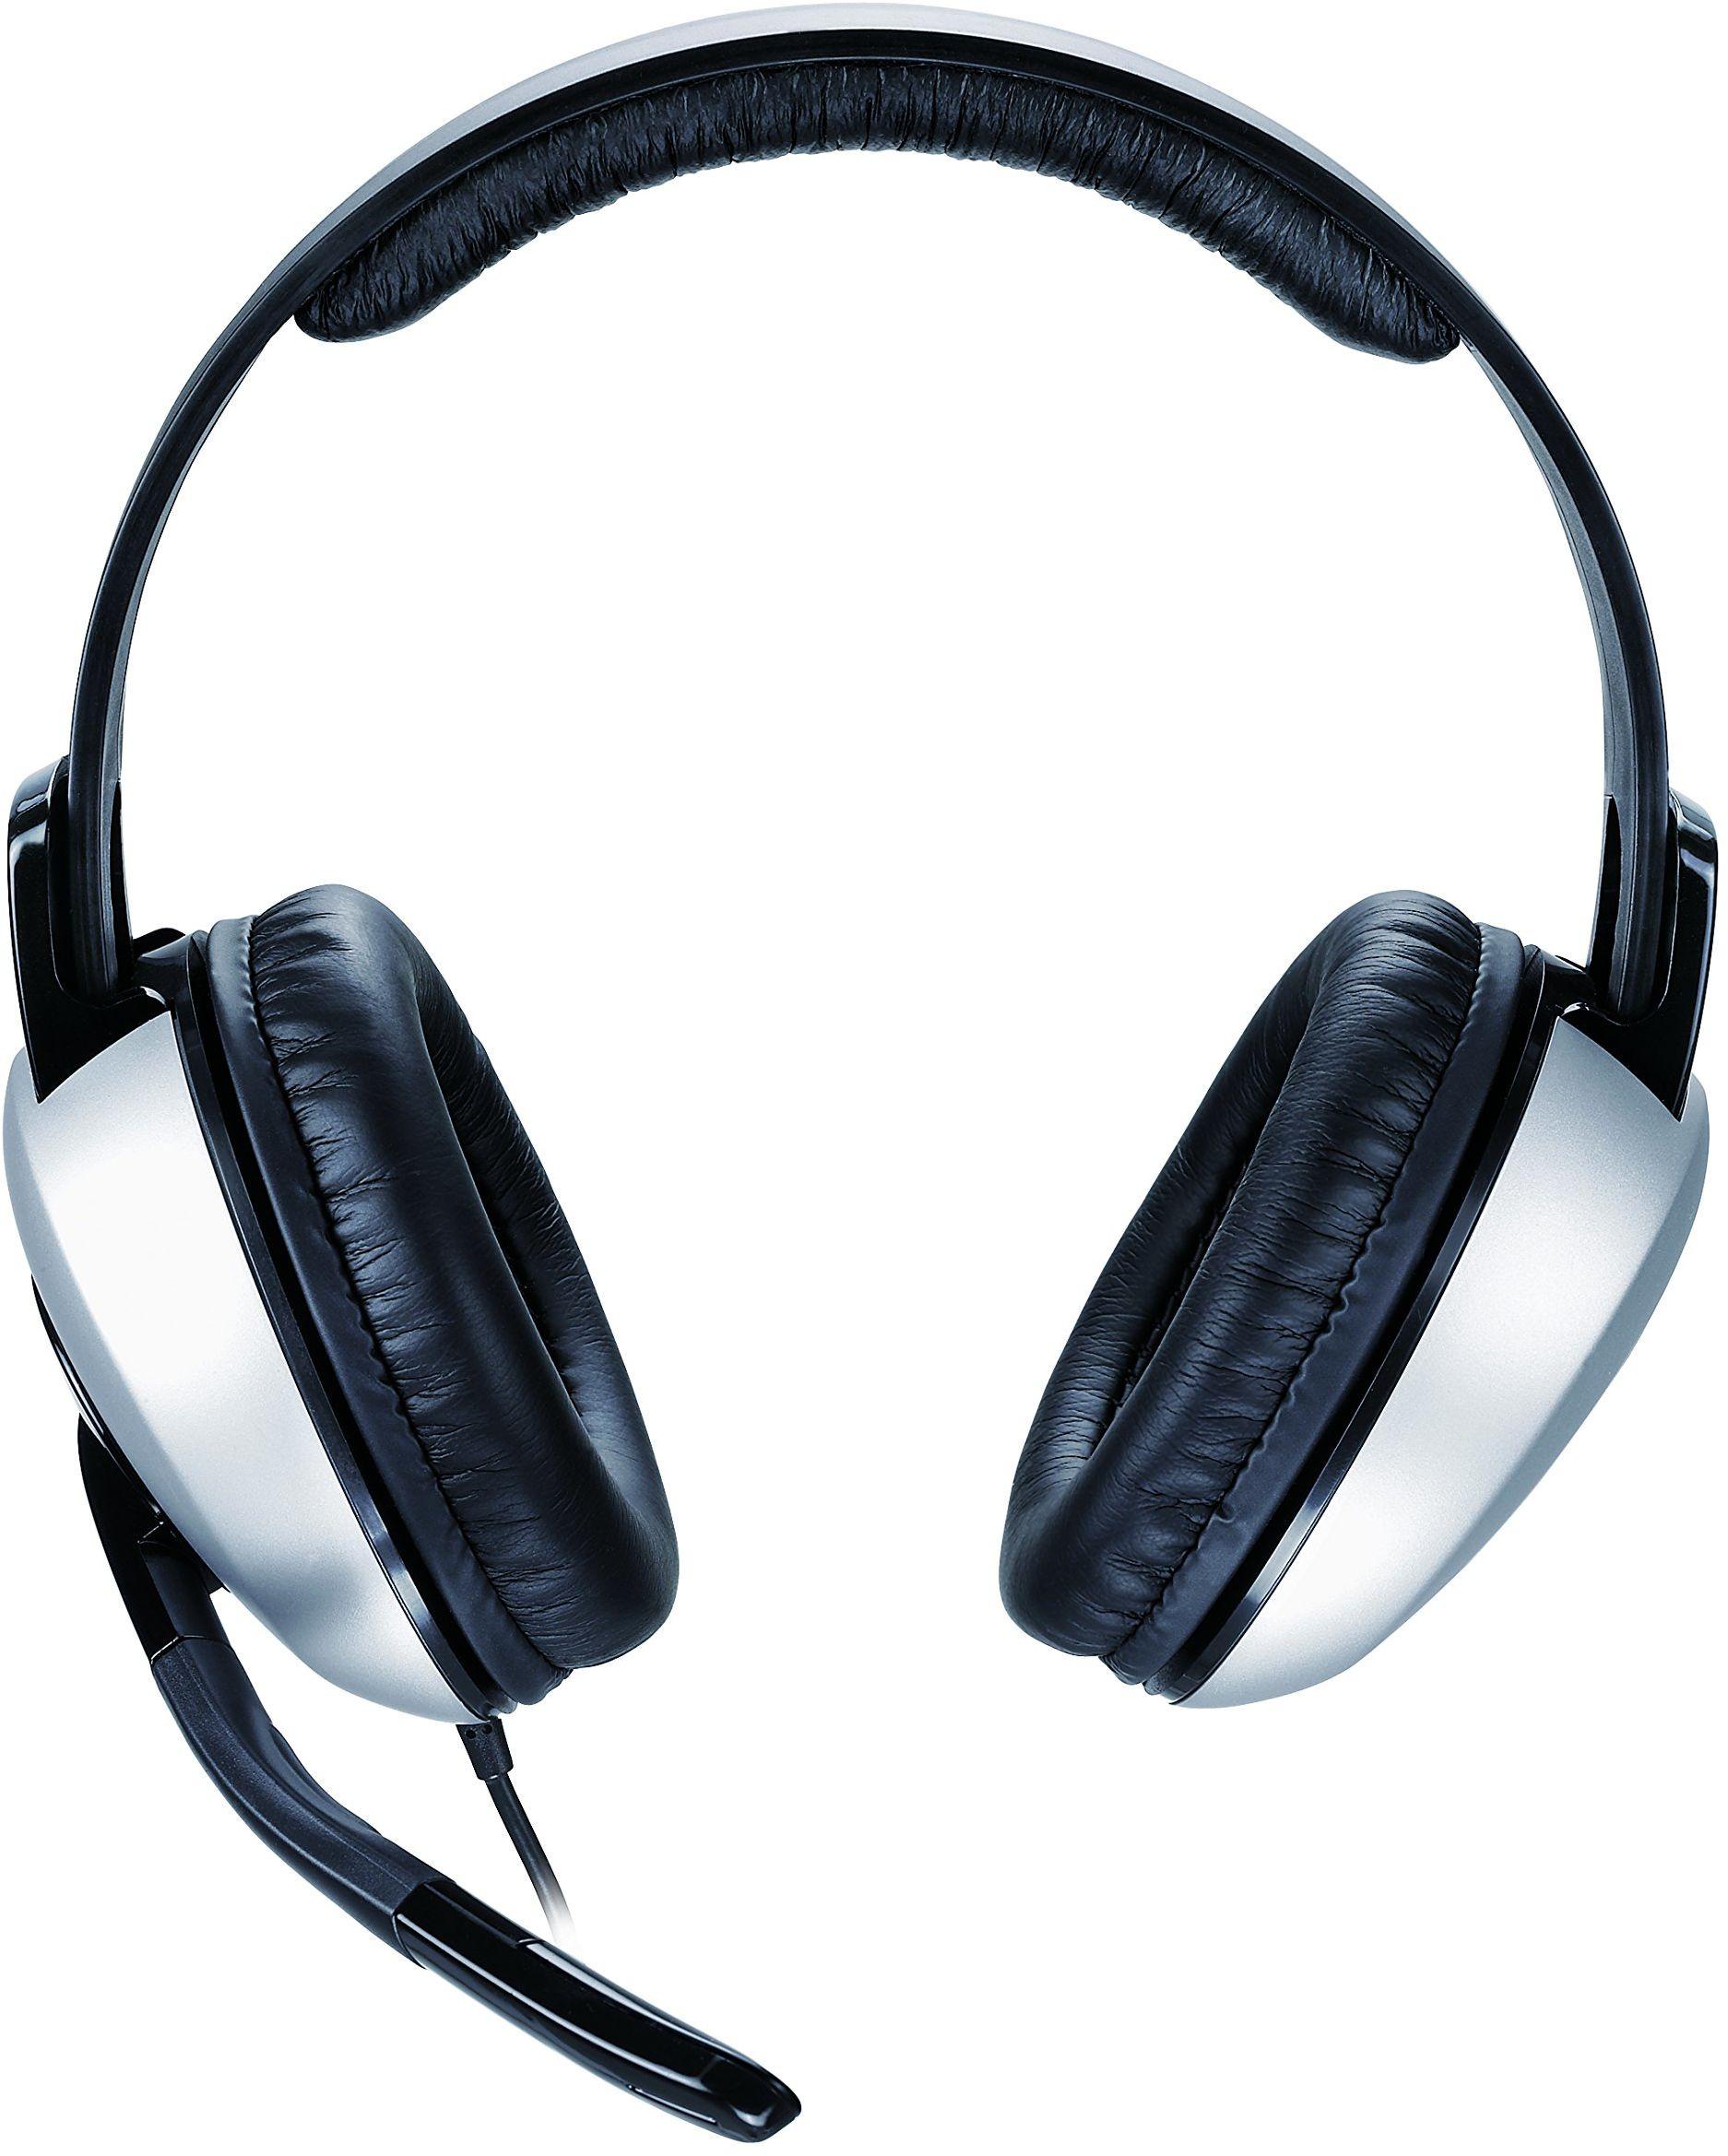 Genius HS-05A słuchawki stereo z mikrofonem do PC multimediów